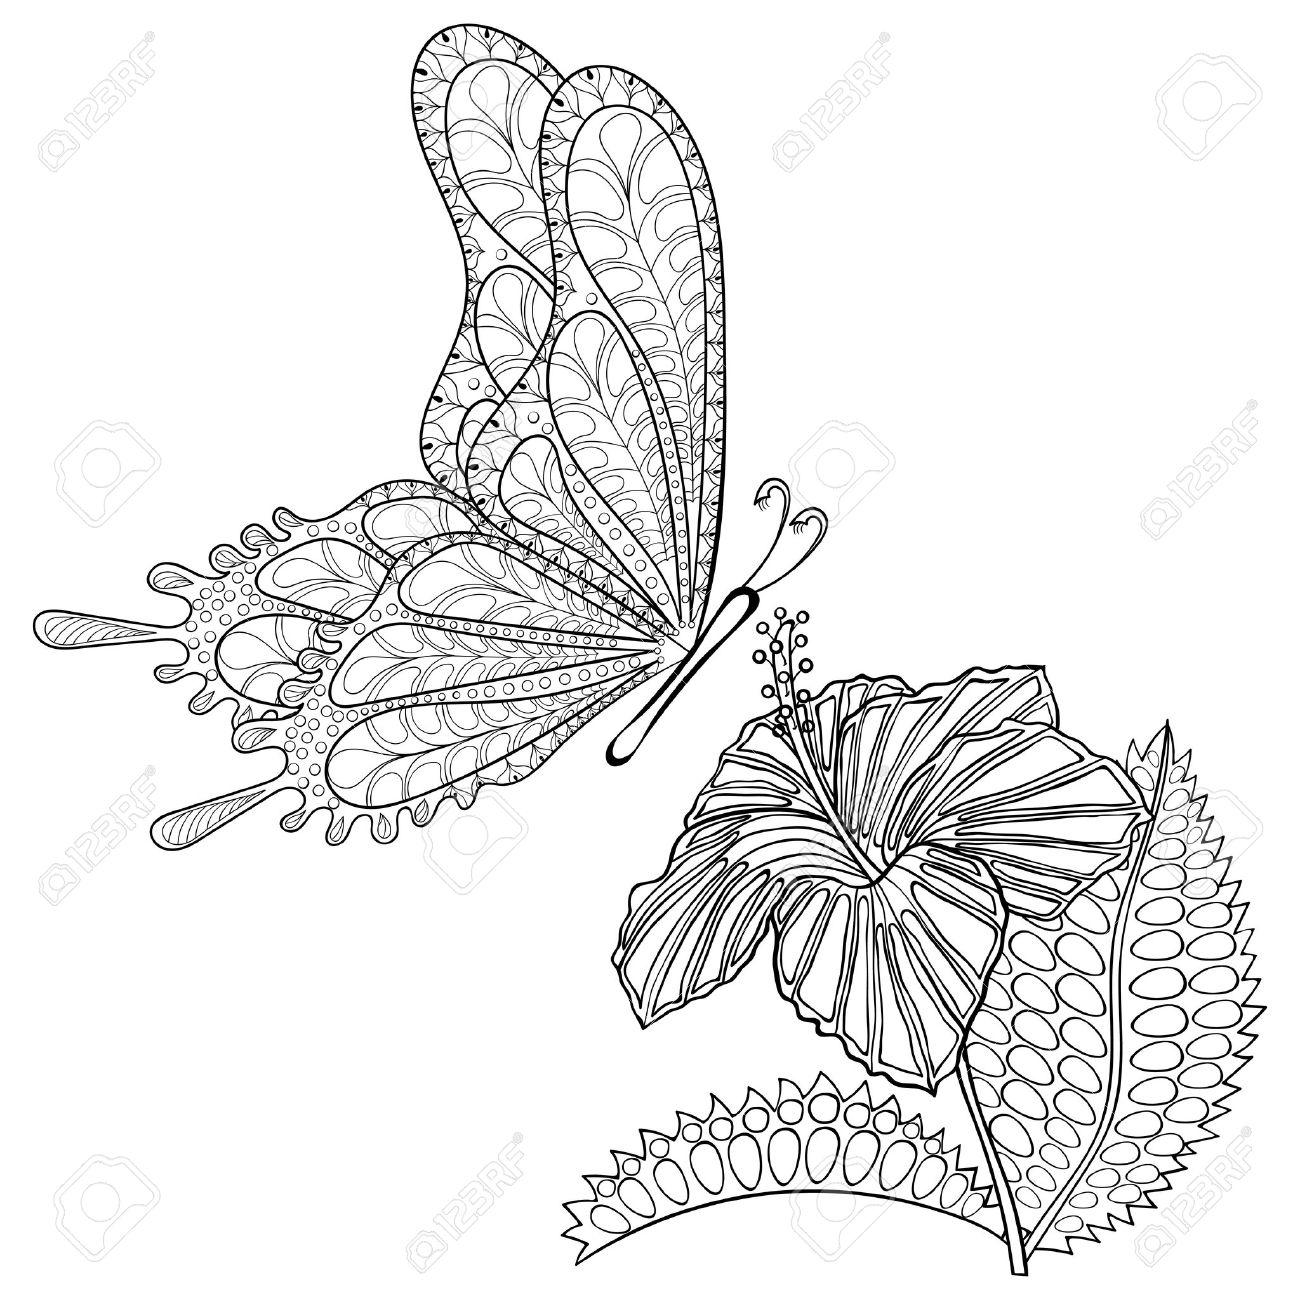 Dibujado A Mano Vuelo De La Mariposa Tribal Y Flor De Hibisco De ...